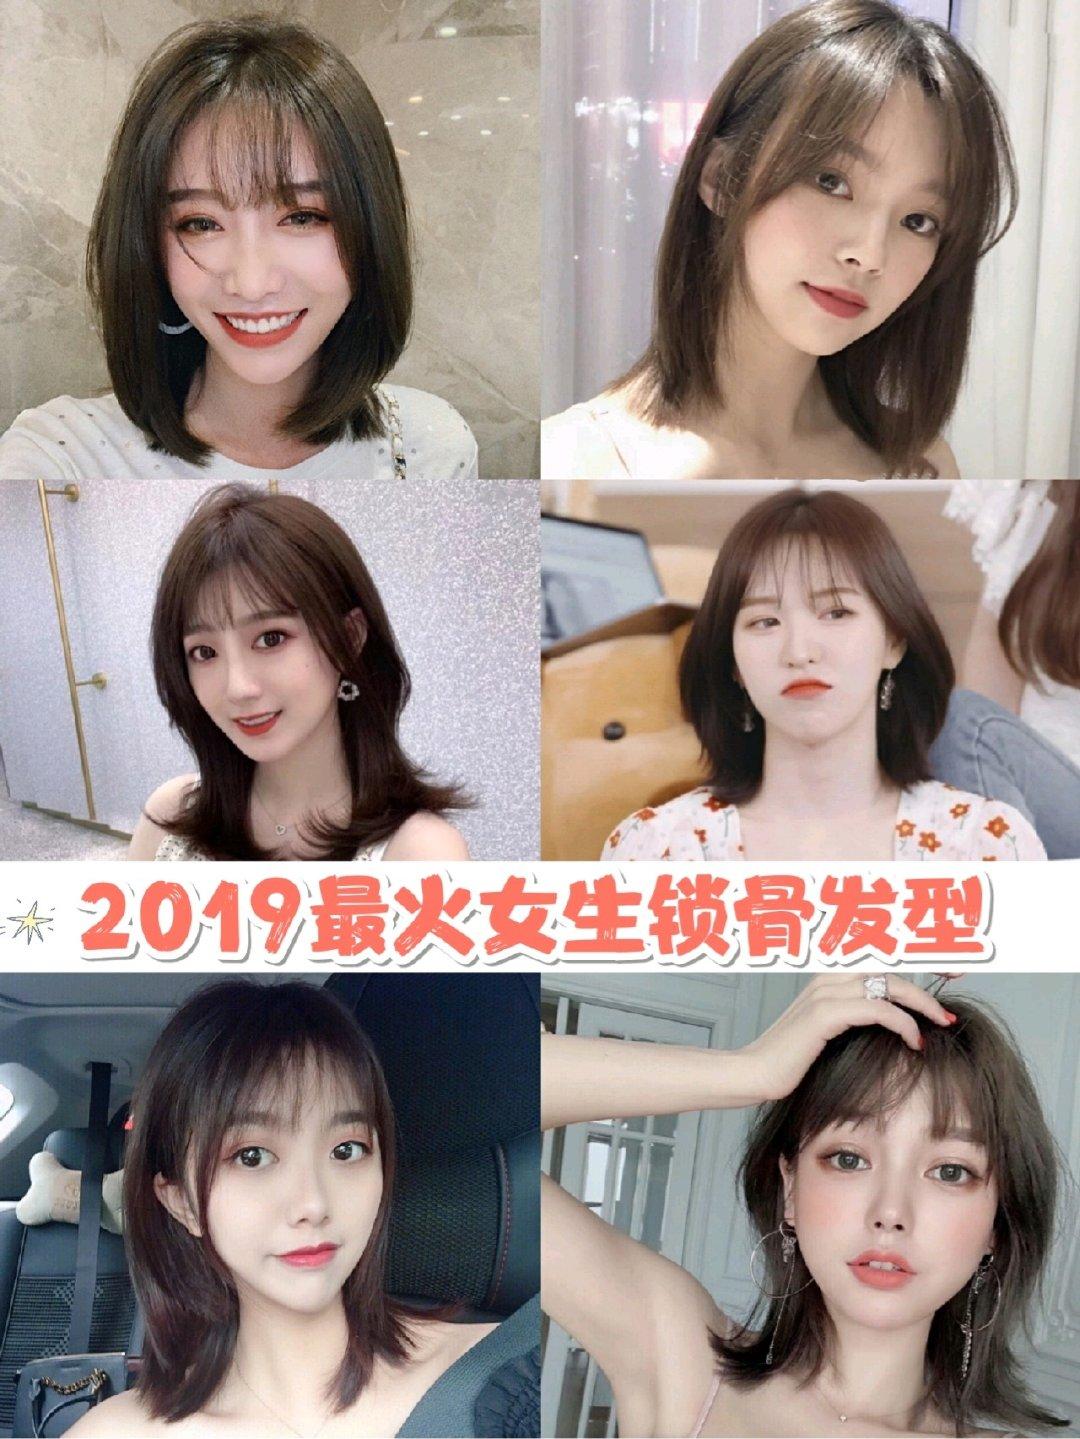 2019可盐可甜女生锁骨发发型显脸小短发(**)